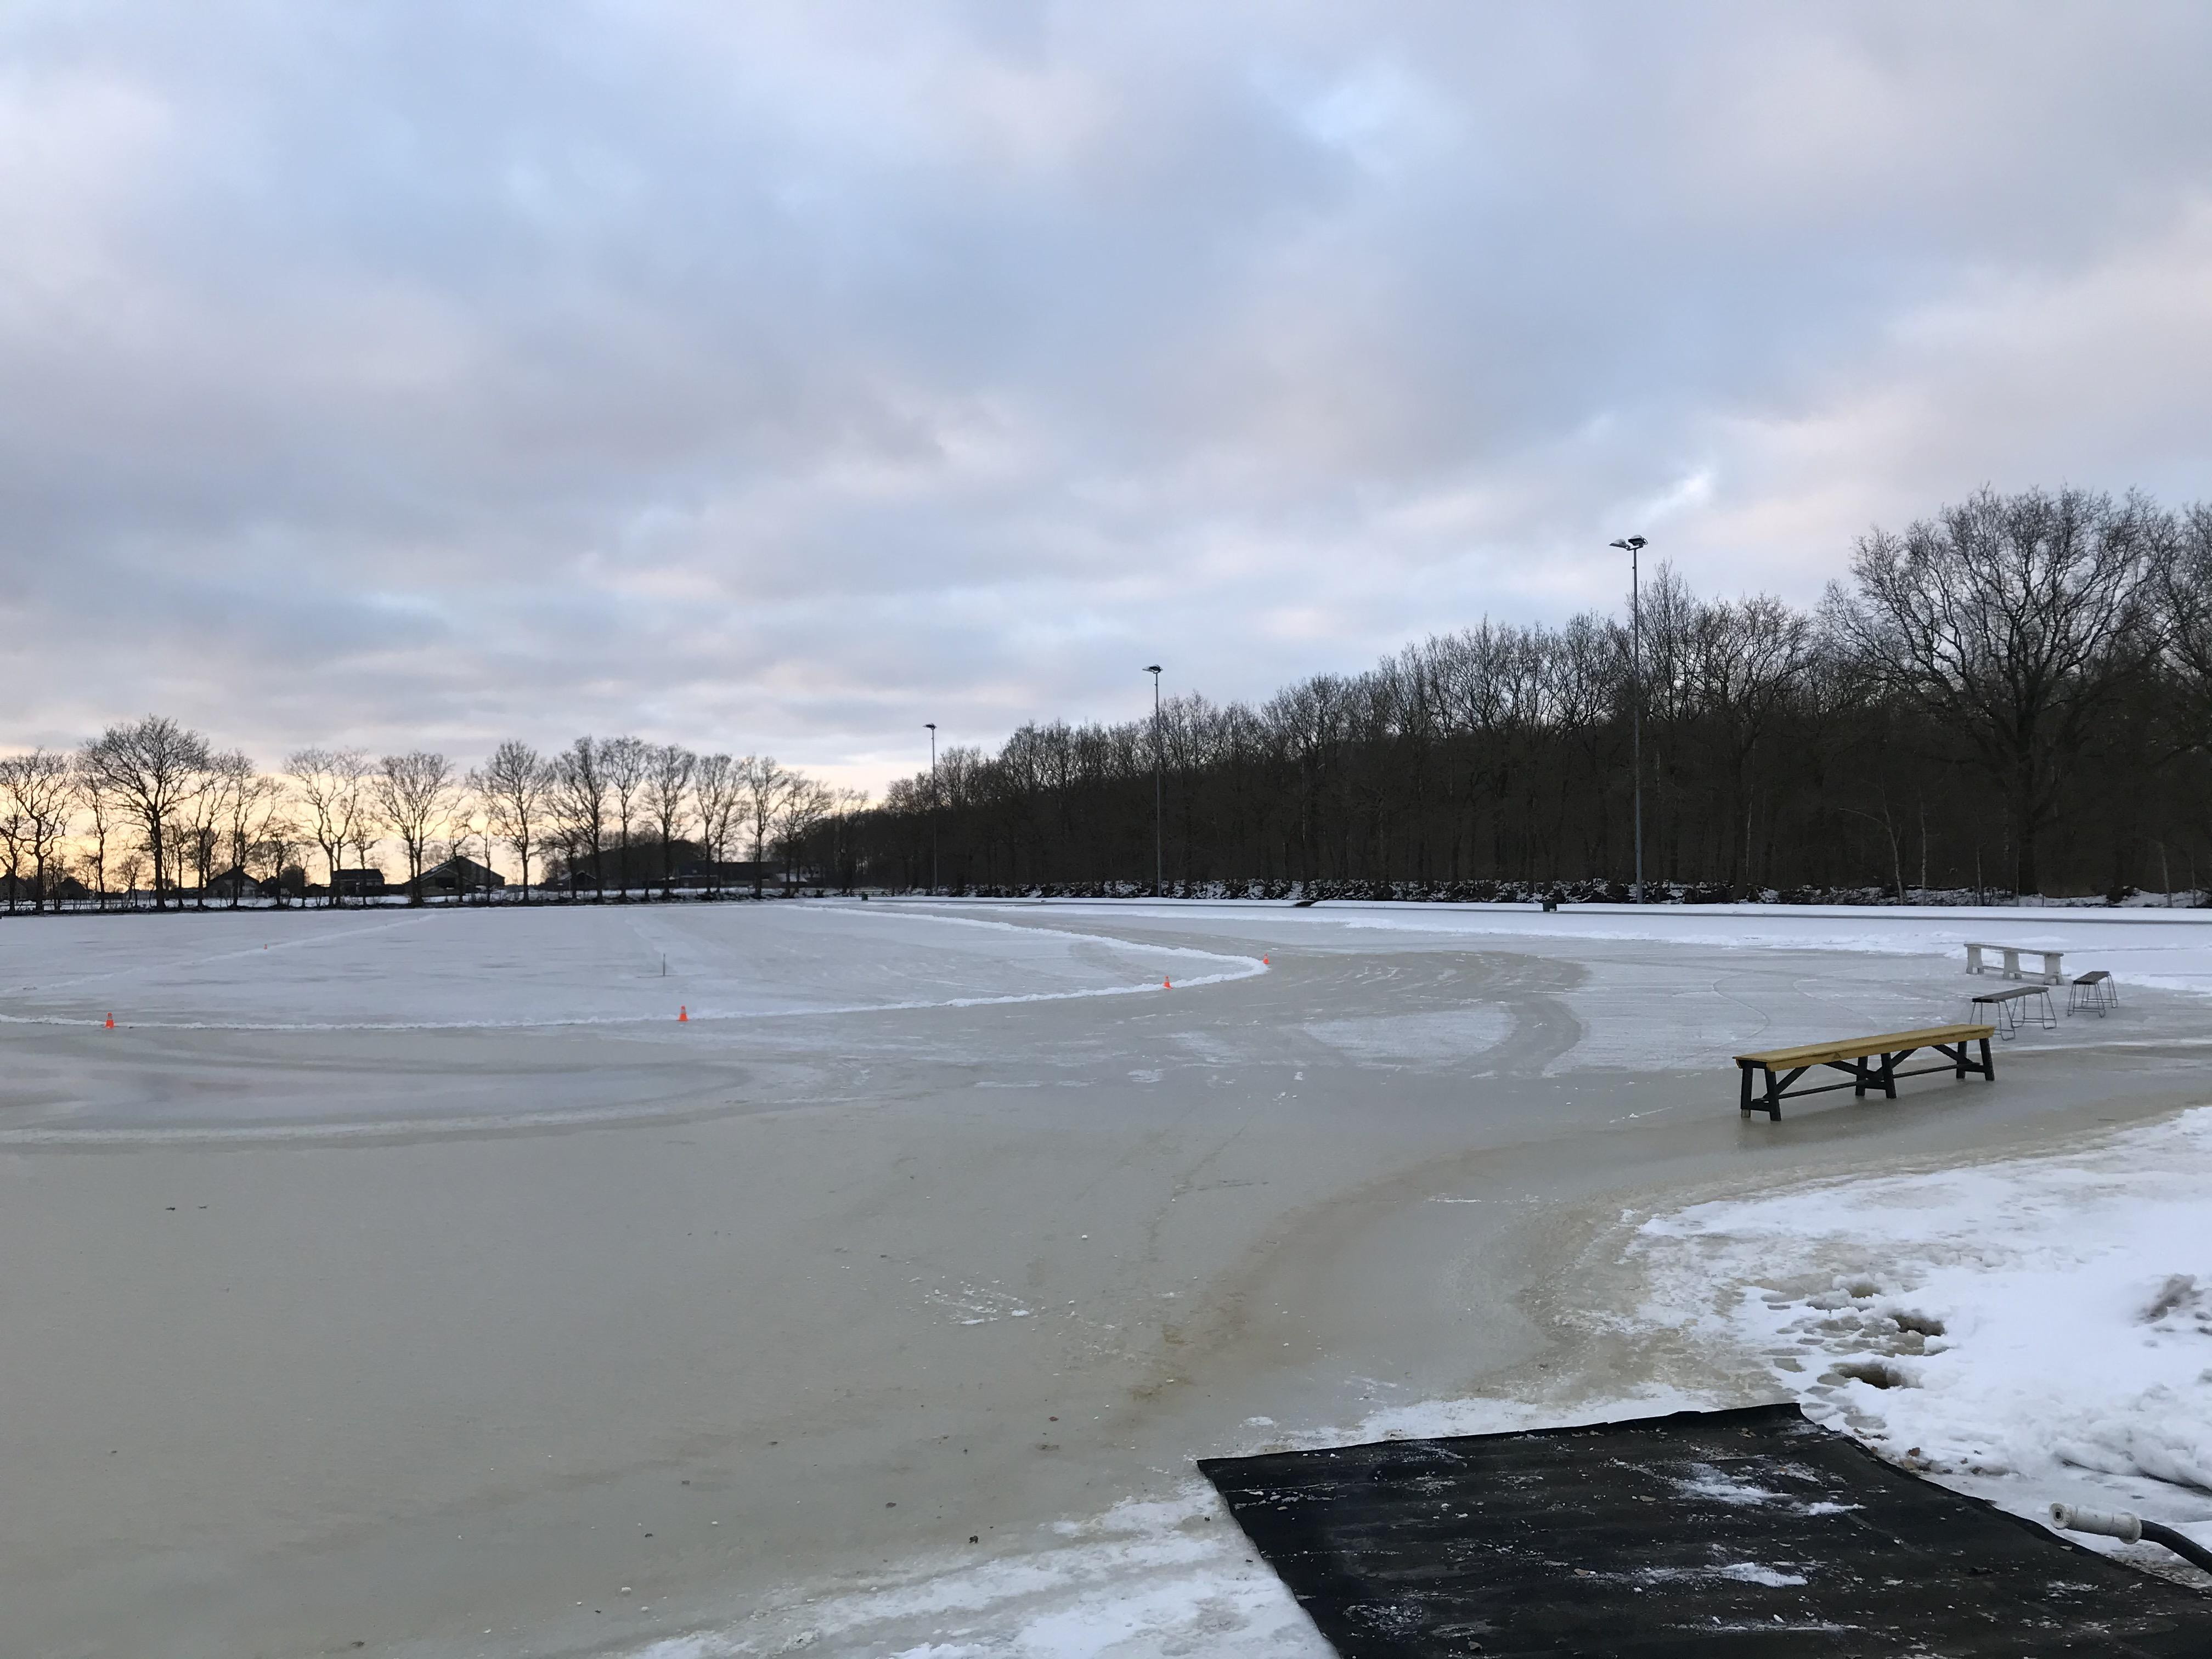 ijsbaan_februari_2021.jpg